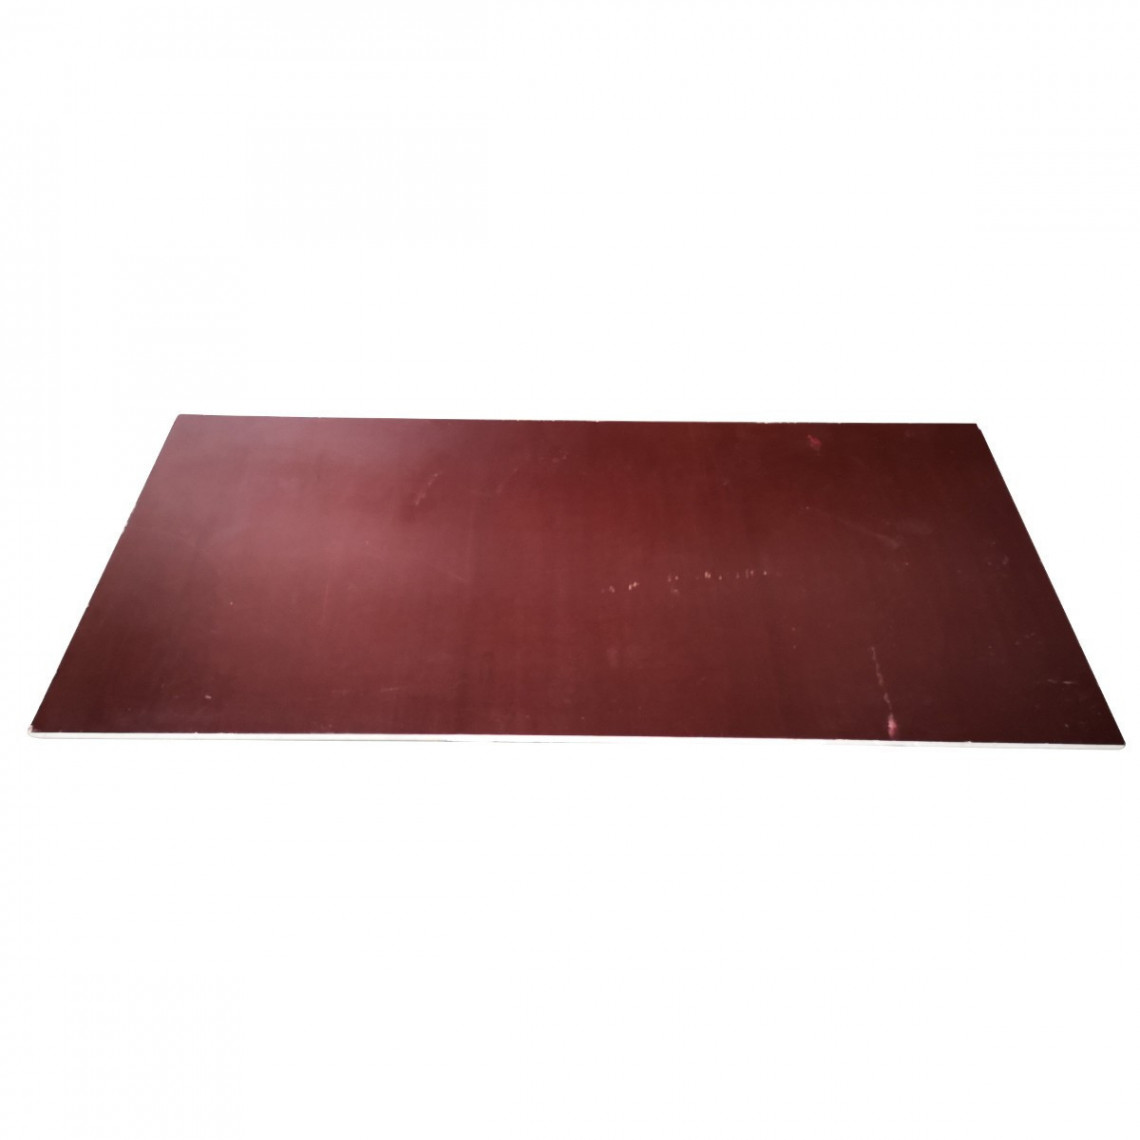 Planche de protection en bois sous étuves  (0